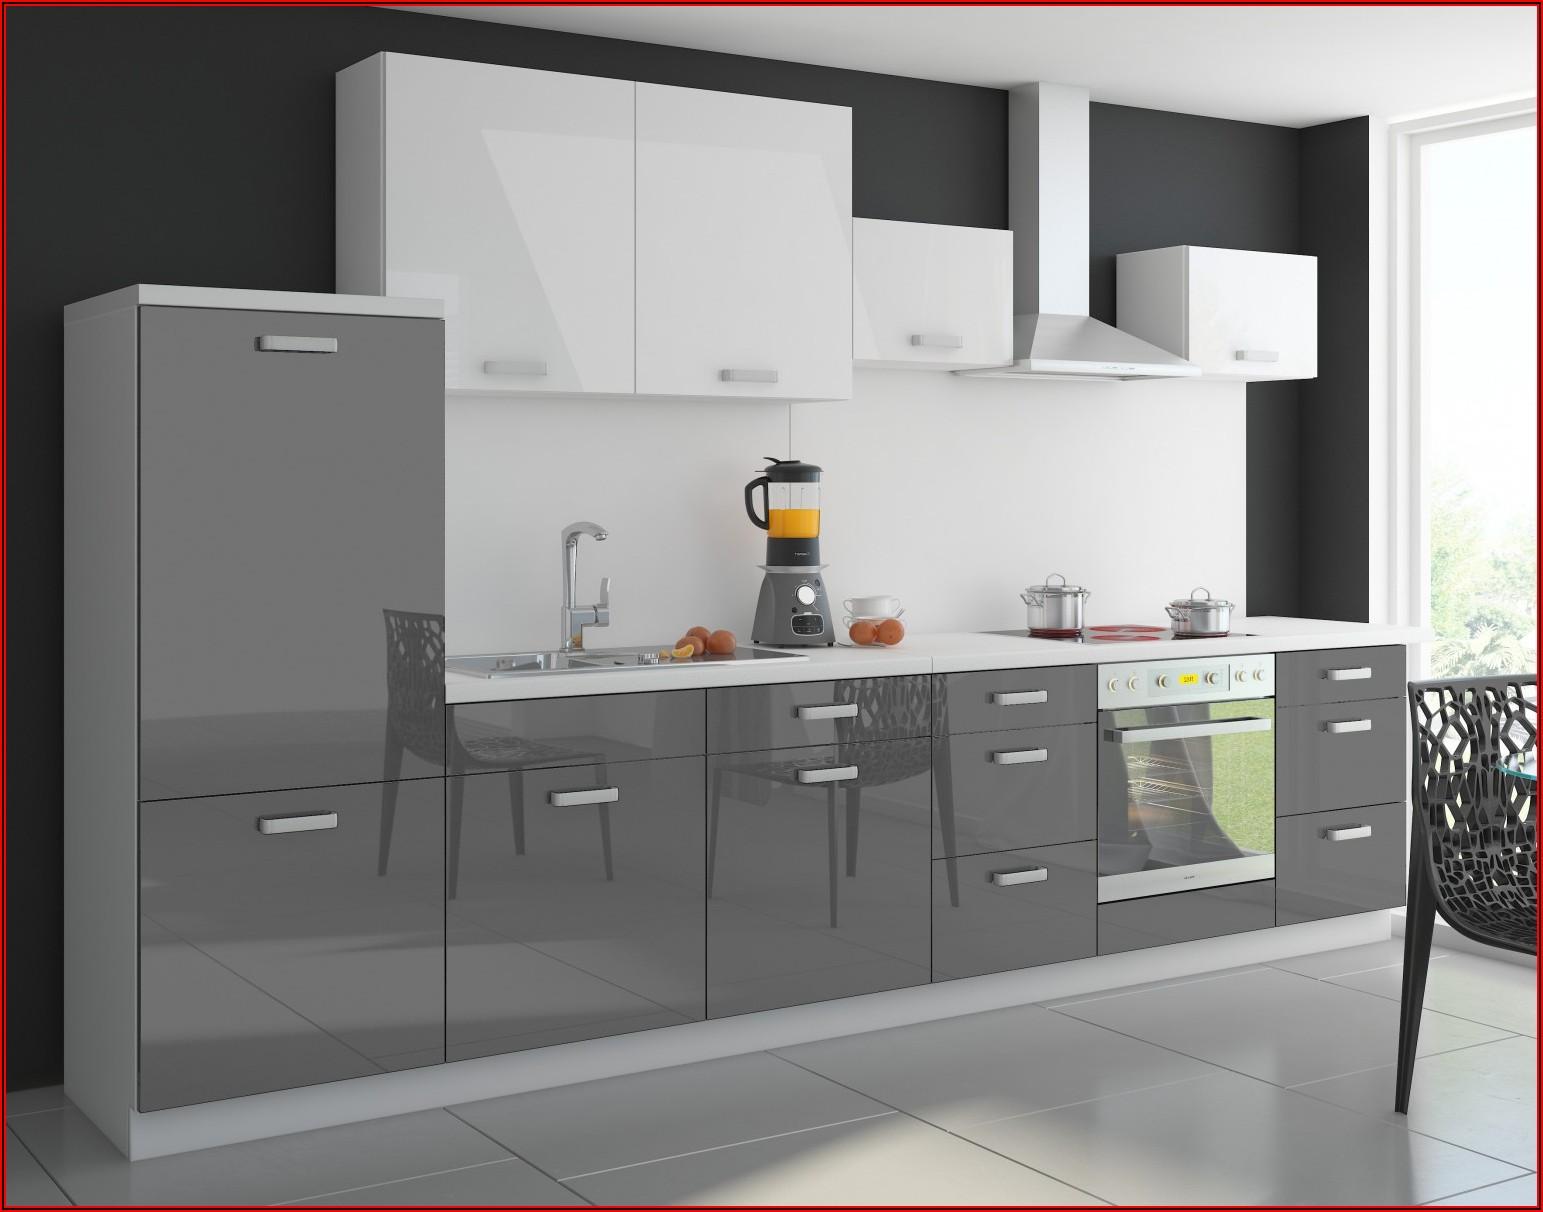 Ikea Kleine Küchenzeile